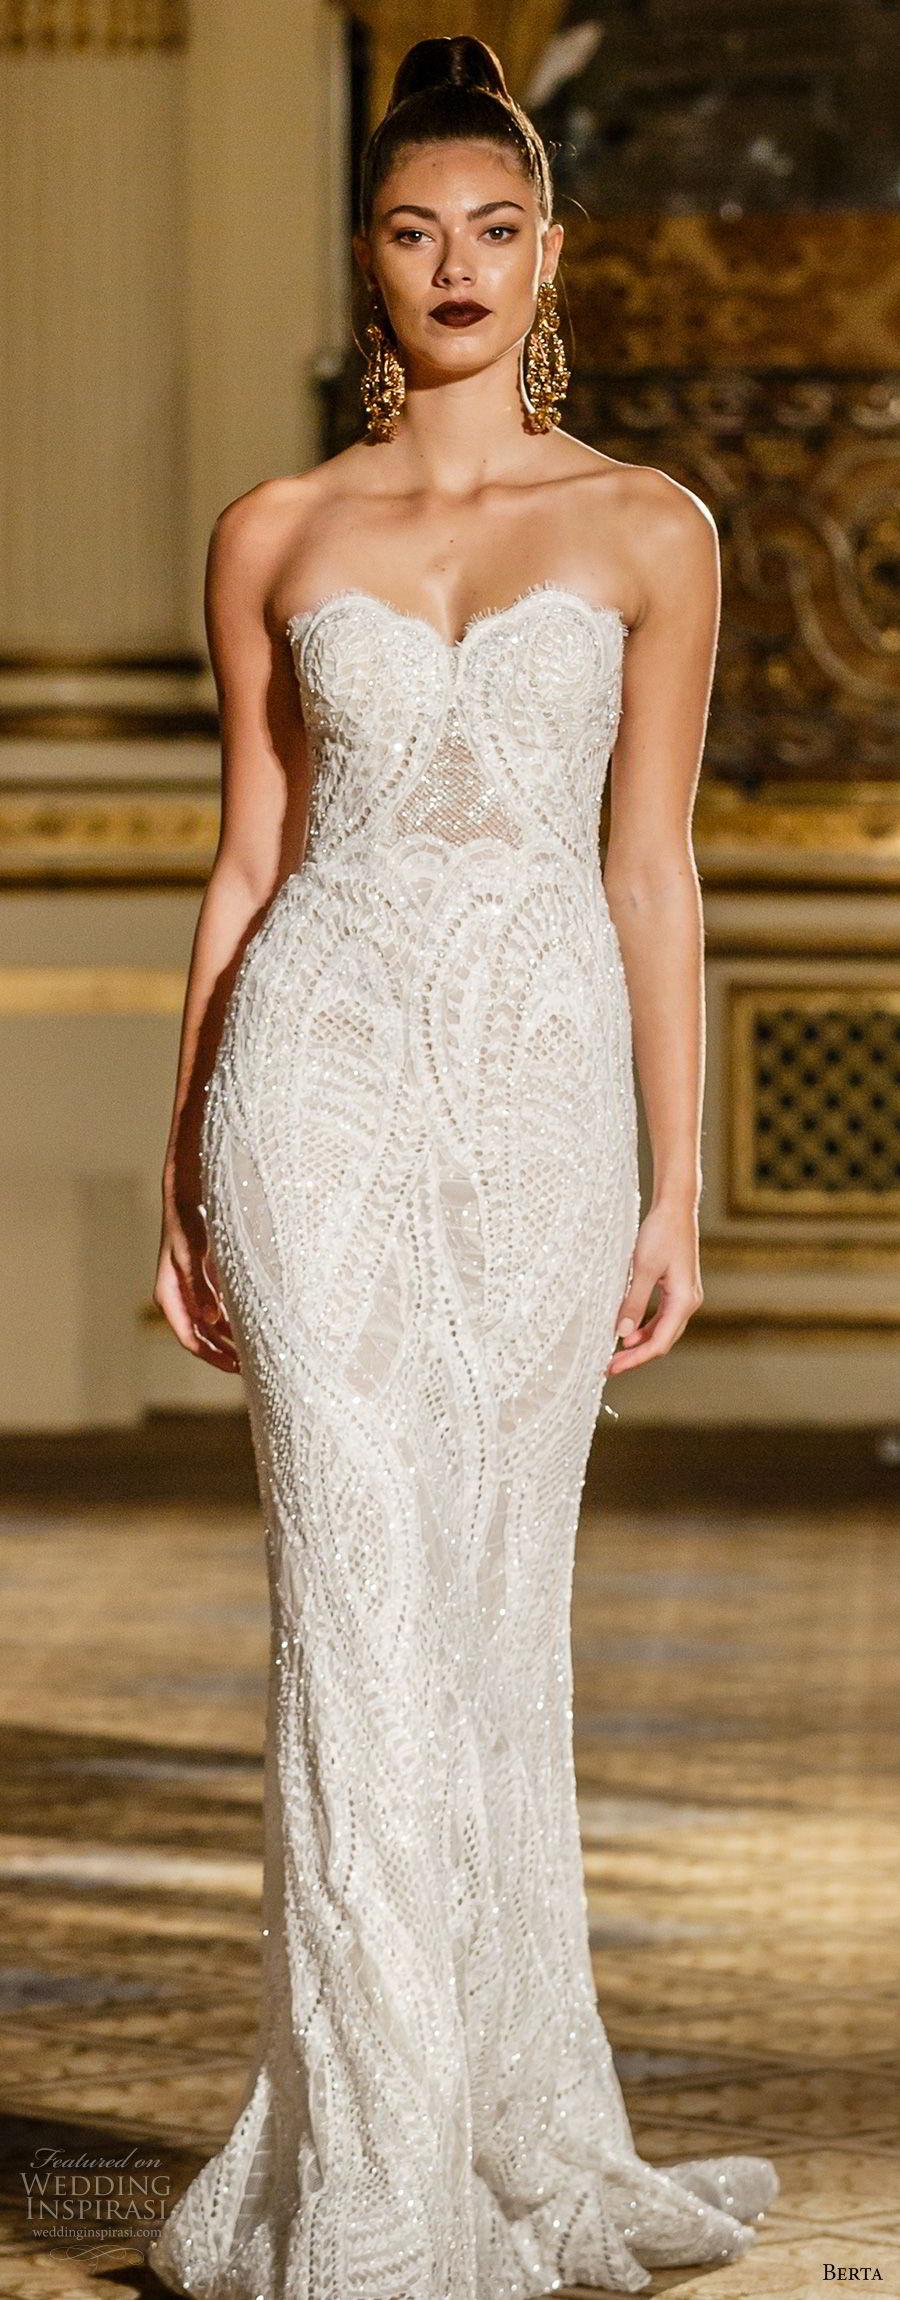 berta spring 2018 bridal strapless sweetheart neckline full embellishment elegant fit and flare wedding dress short train (05) mv